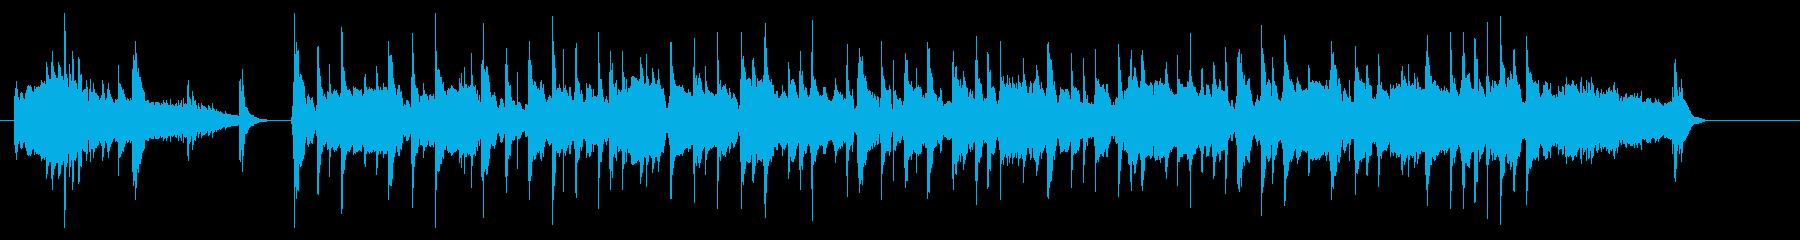 純和風のさくらさくら(イントロ有の再生済みの波形